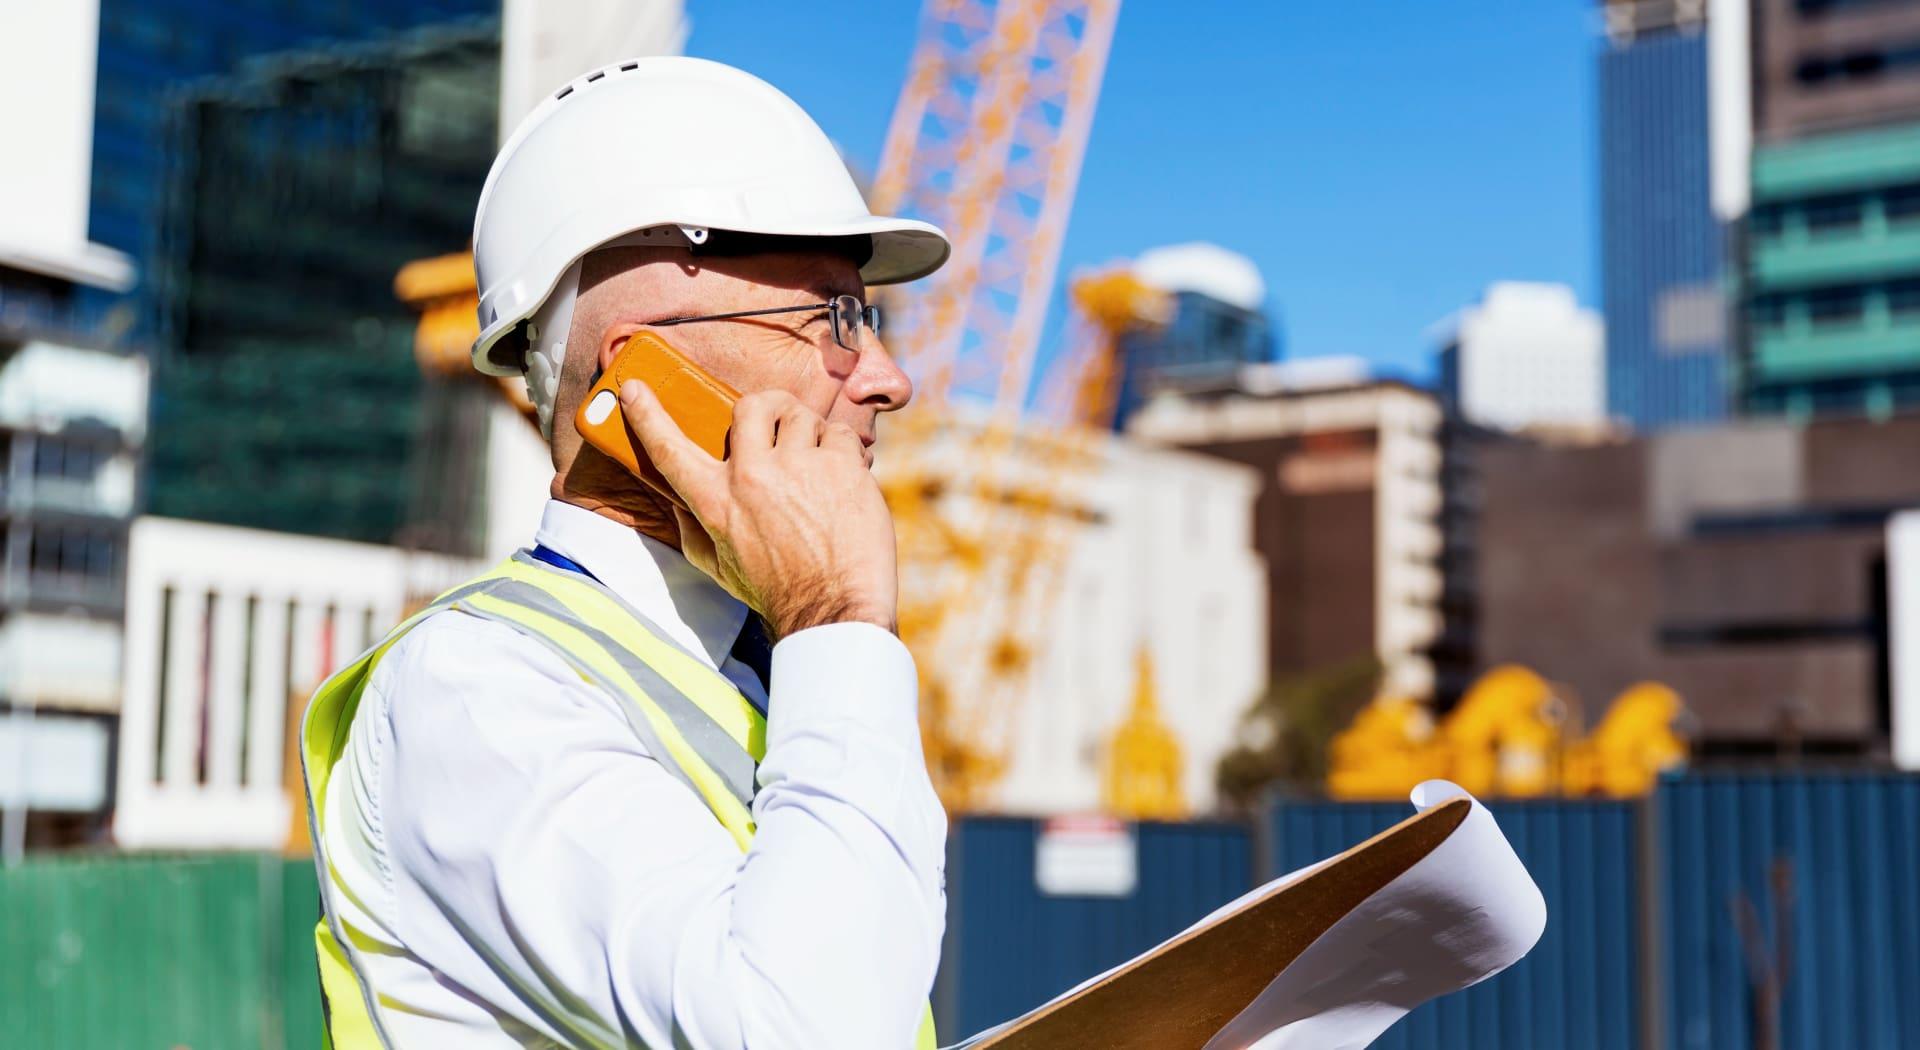 Arbeidsulykker og sikkerhet er i fokus når Arbeidstilsynet aksjonerer på byggeplassene.